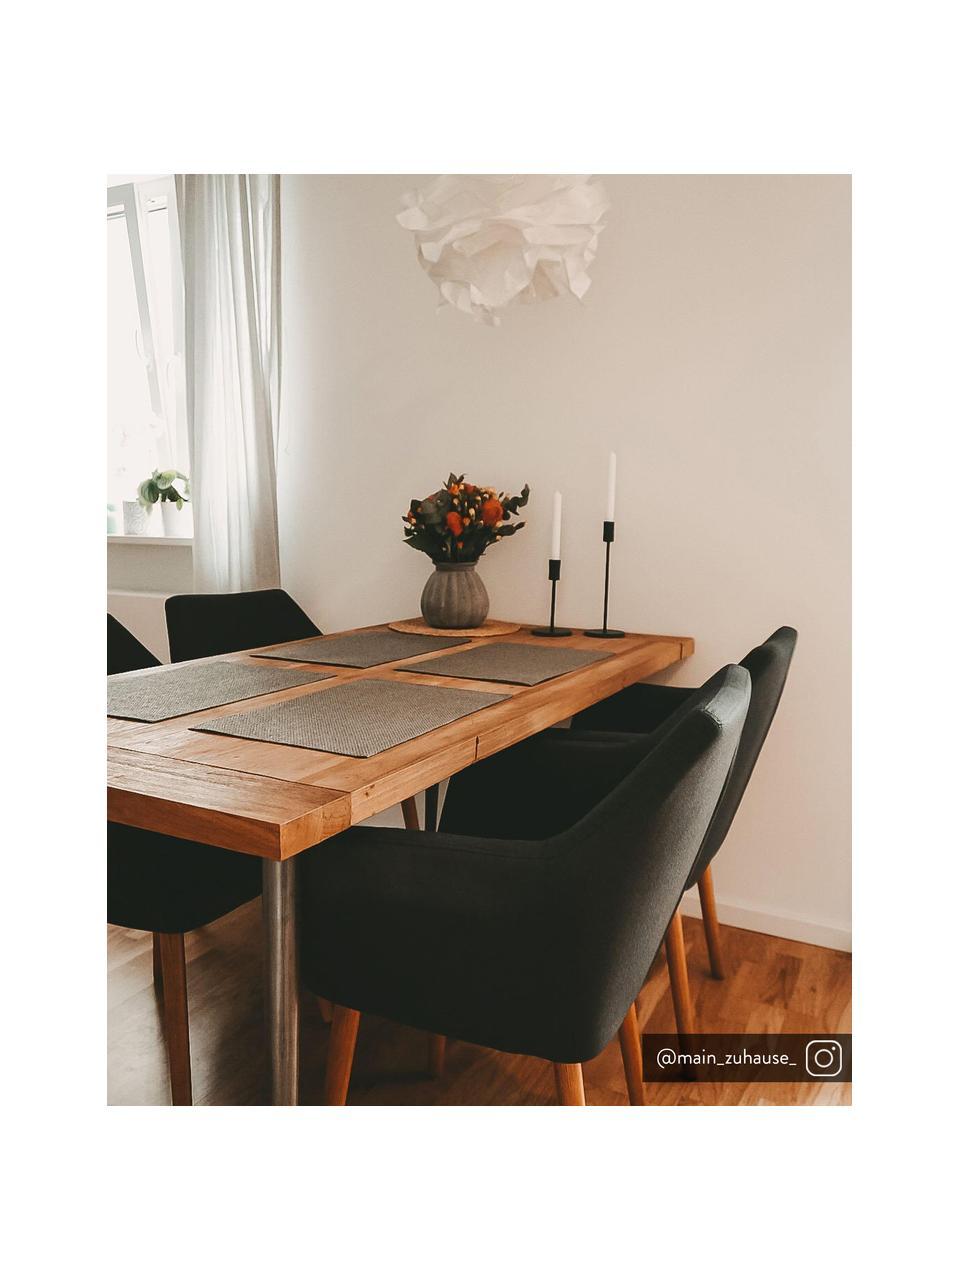 Armlehnstuhl Nora mit Holzbeinen, Bezug: 100% Polyester Der Bezug , Beine: Eichenholz, Webstoff Anthrazit, Beine Eiche, B 58 x T 58 cm